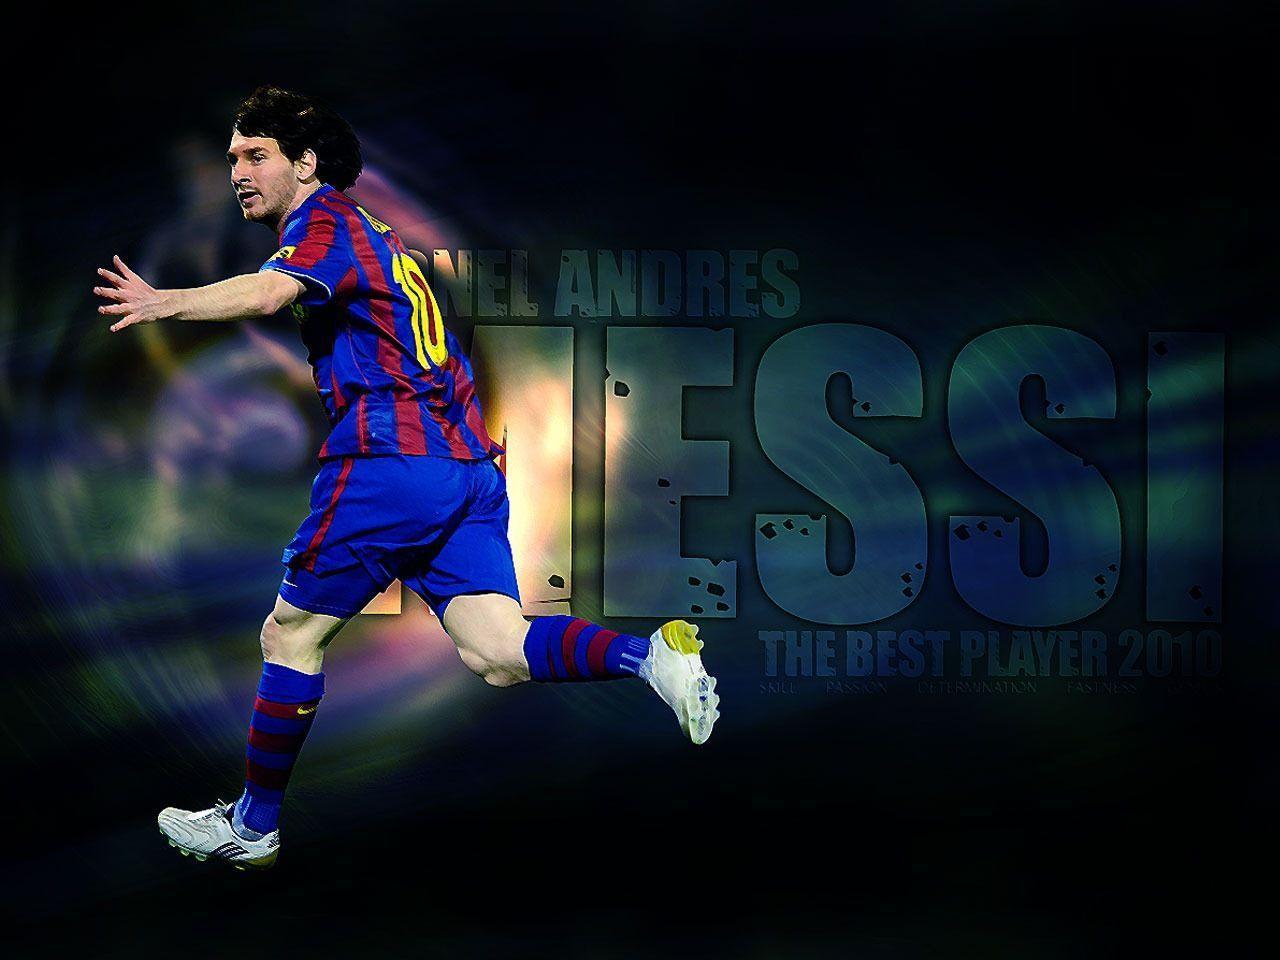 Lionel Messi Wallpaper Hd Hd Desktop 10 HD Wallpaperscom